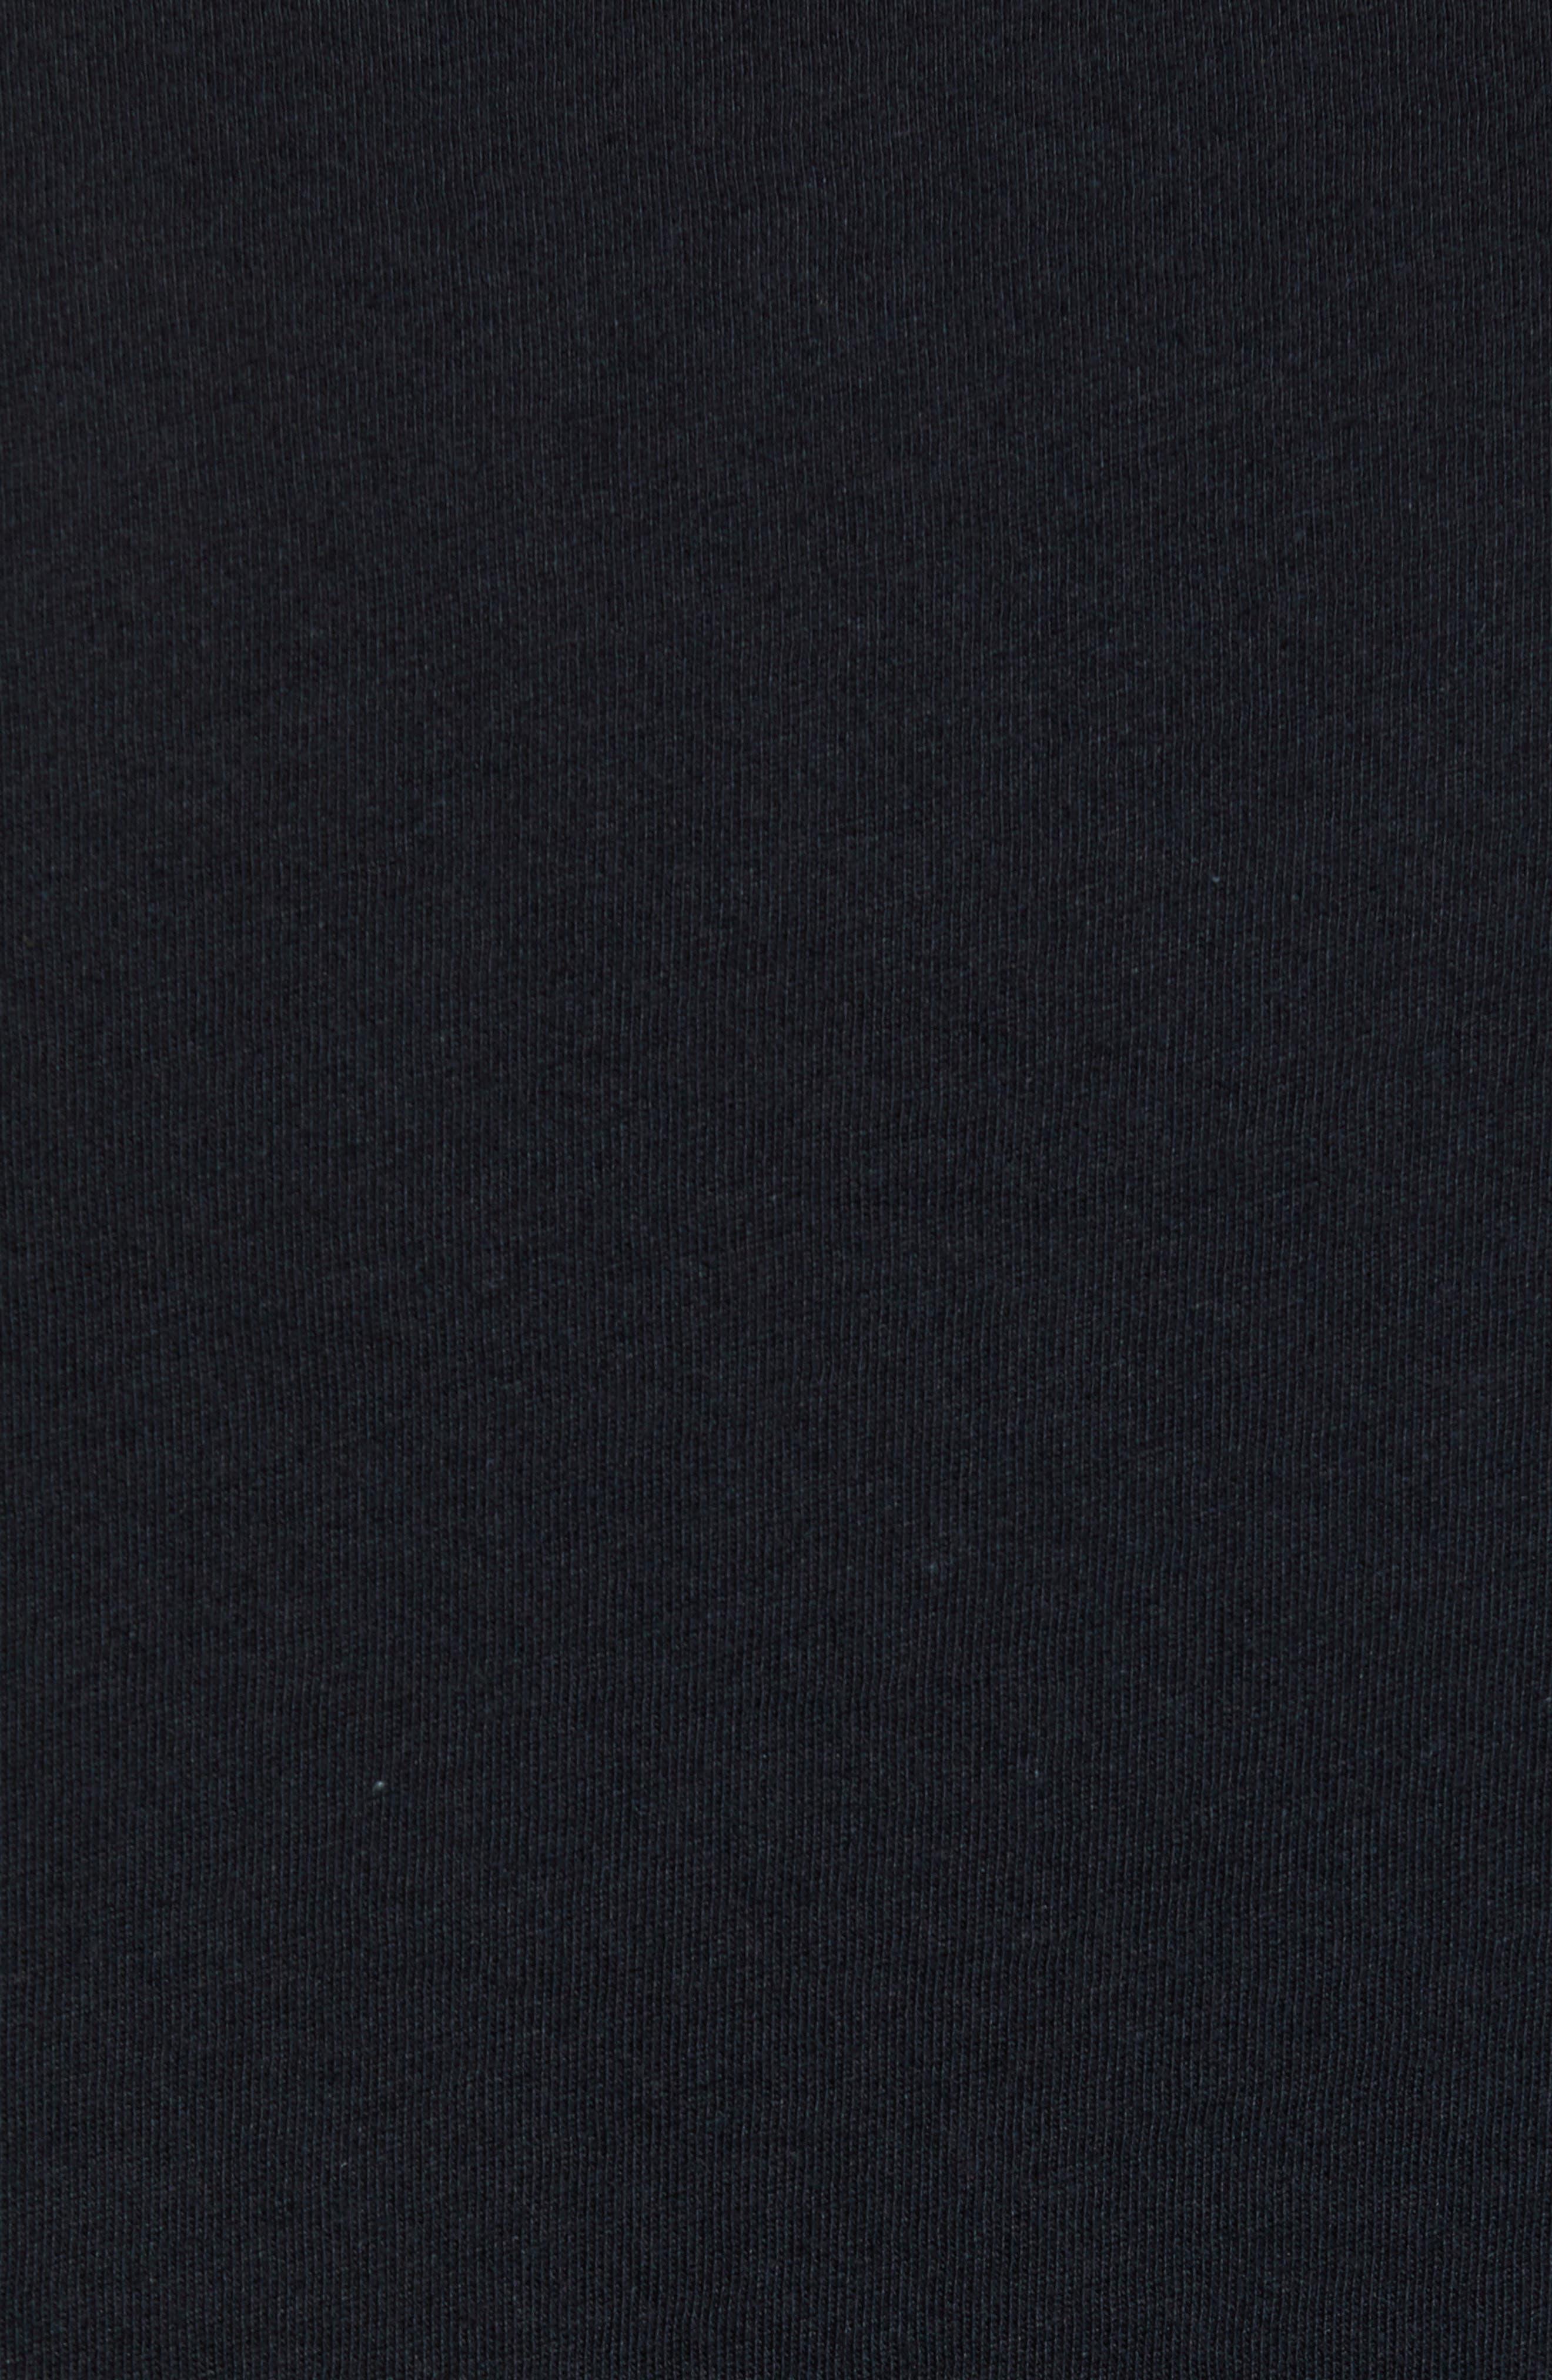 Tube Trekker Organic Cotton T-Shirt,                             Alternate thumbnail 5, color,                             BLACK